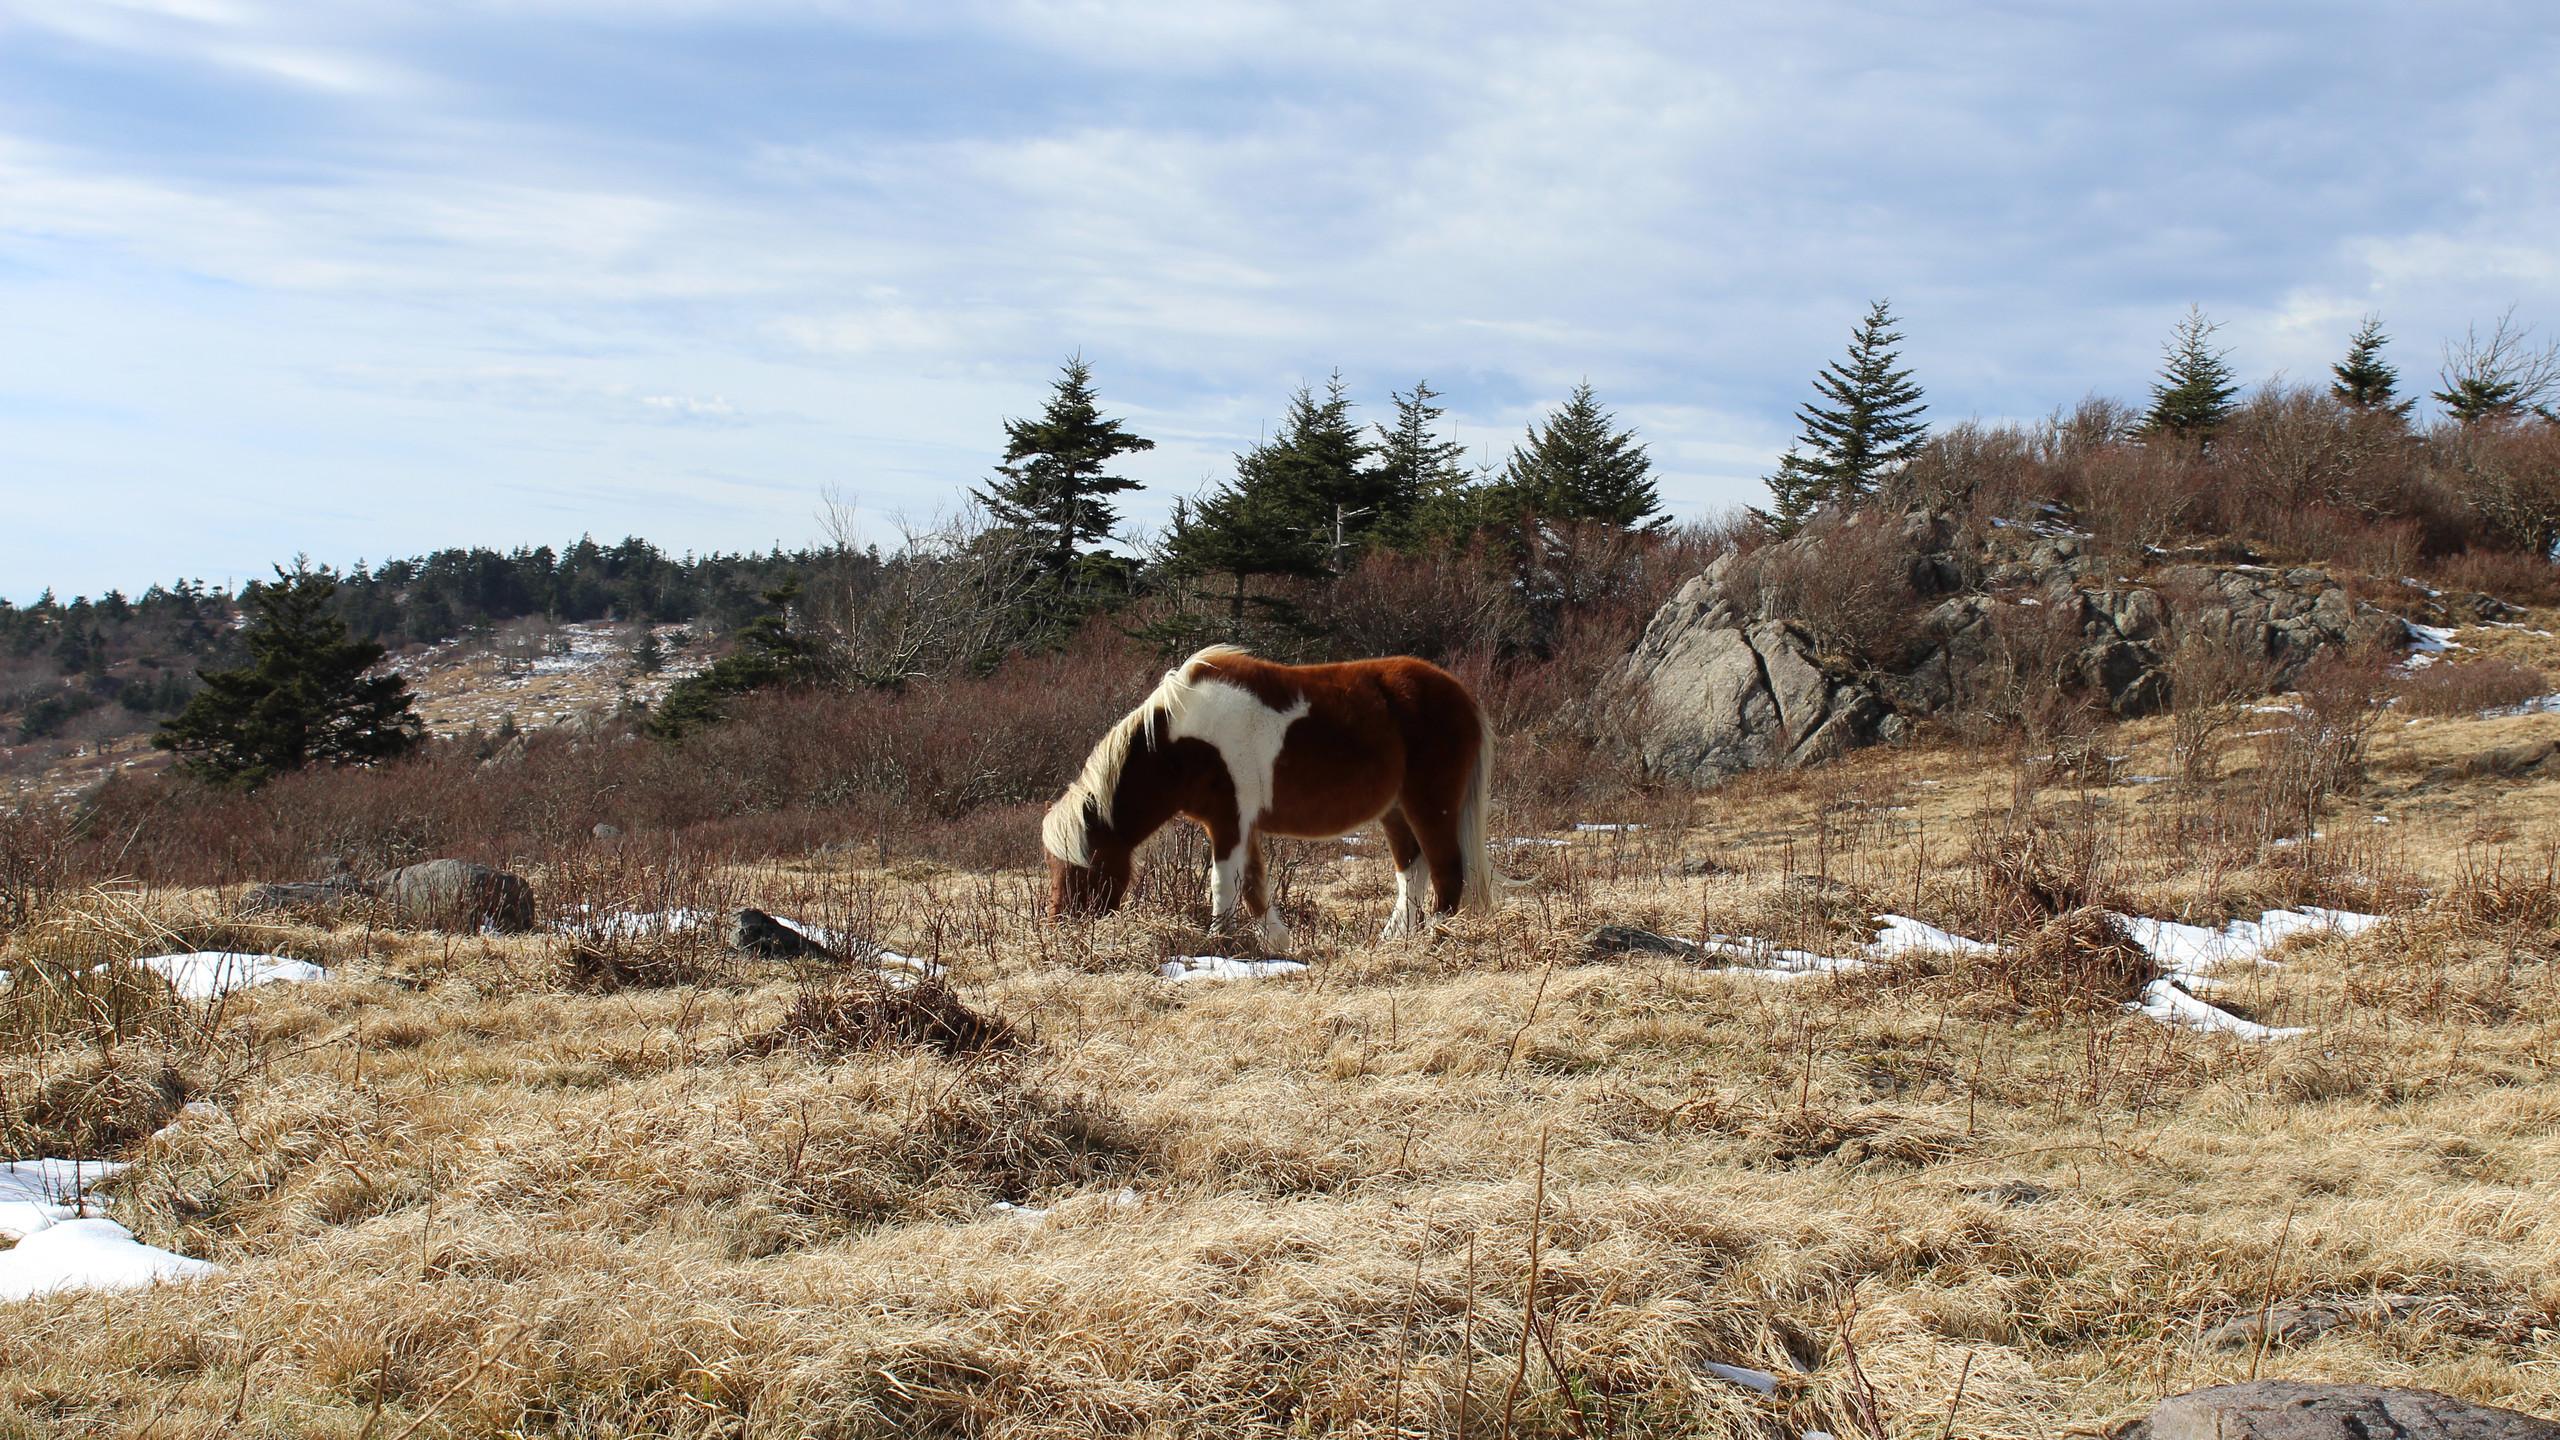 Lone Pony